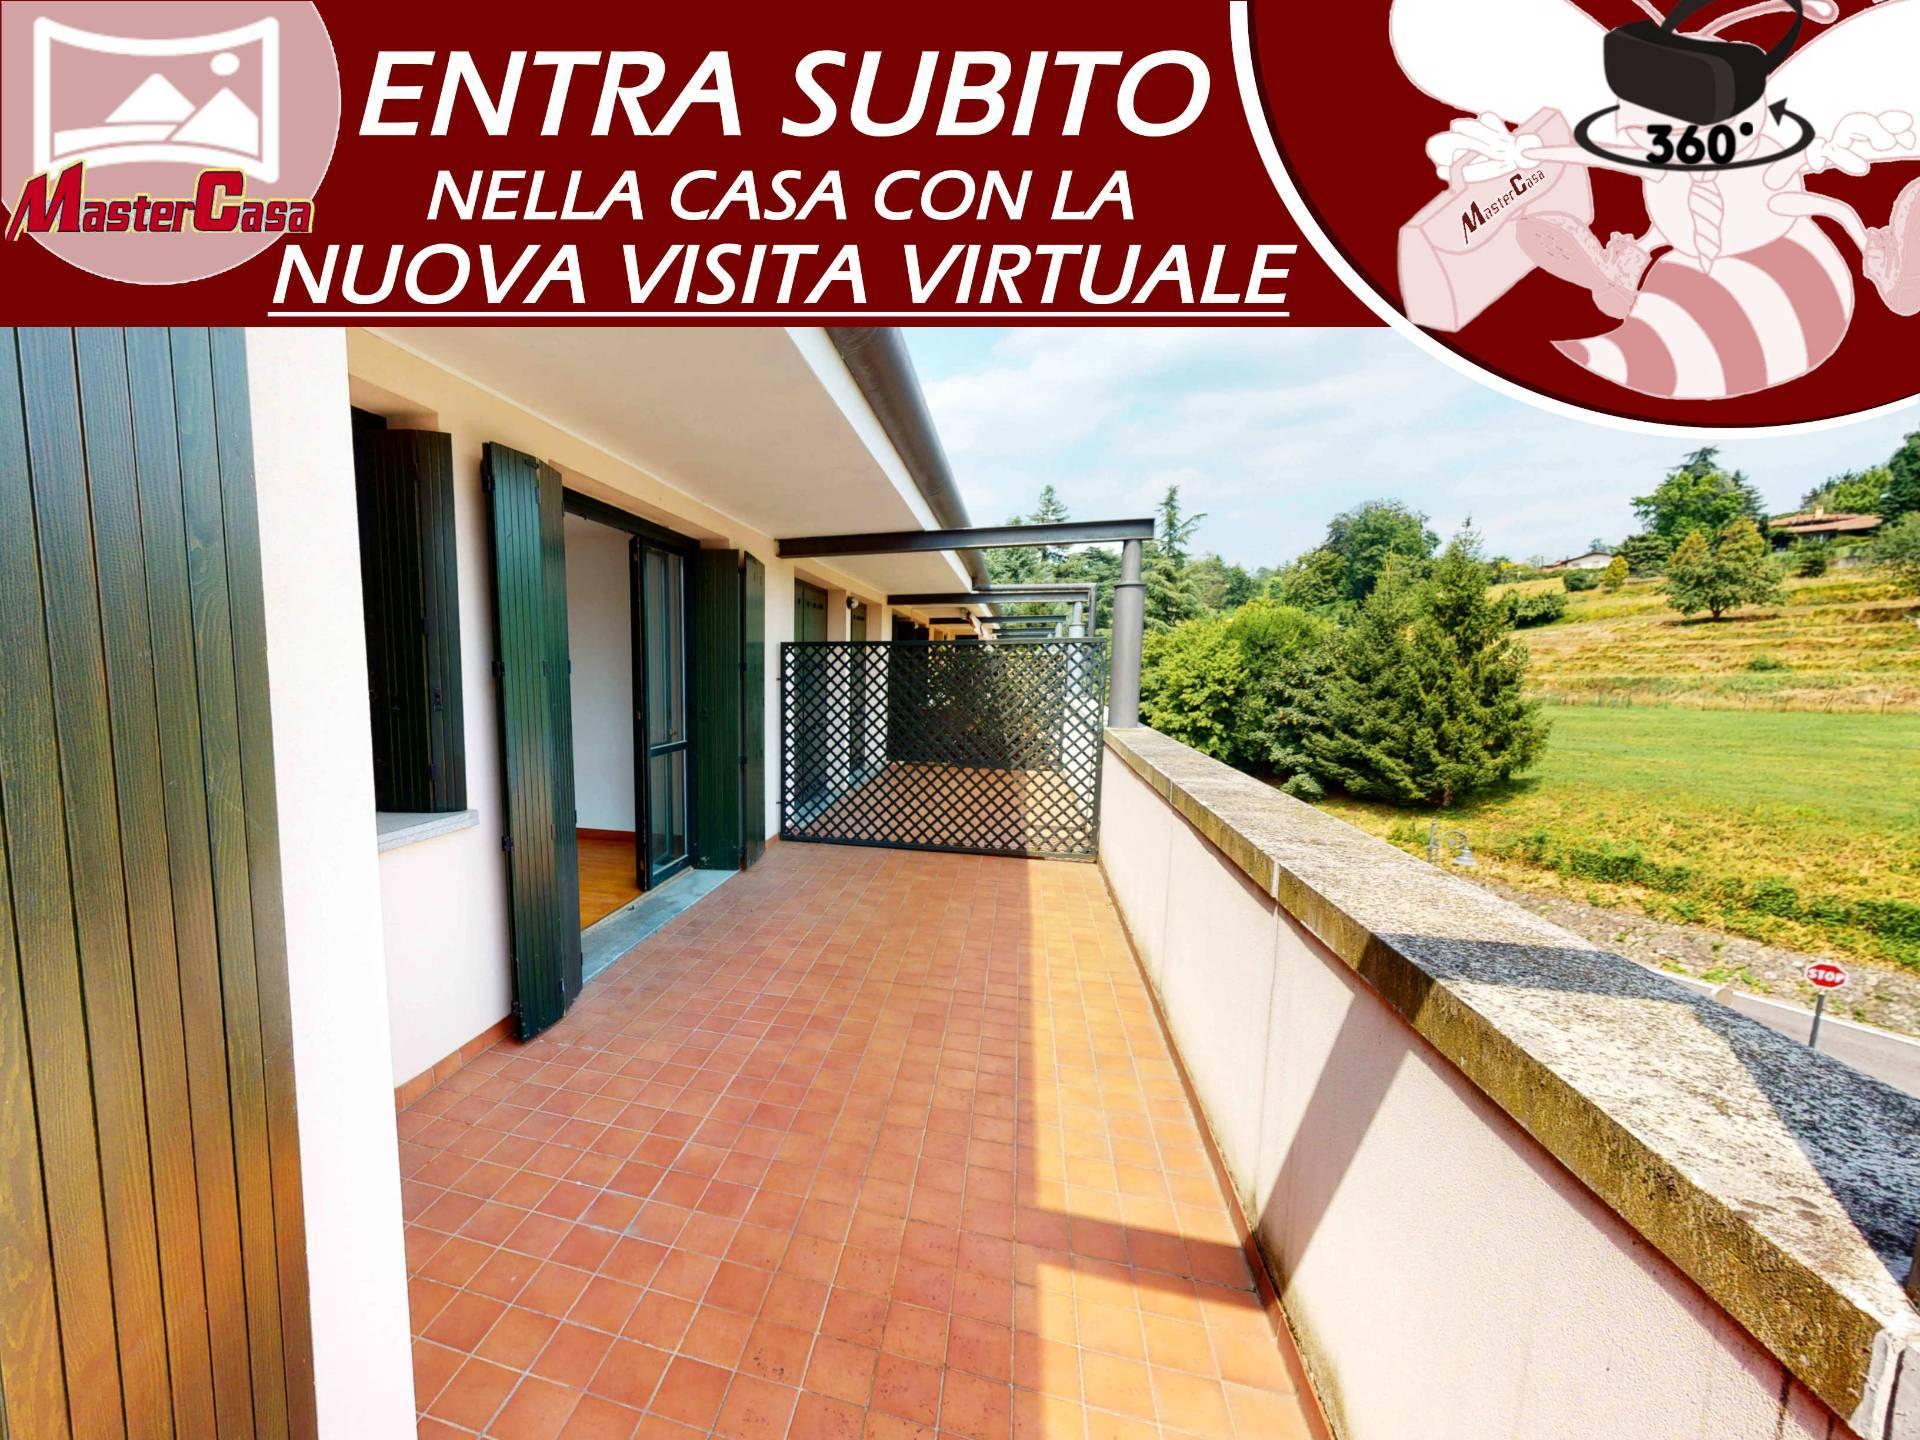 Appartamento in vendita a Tradate, 2 locali, zona Località: CENTRO, prezzo € 143.000 | PortaleAgenzieImmobiliari.it